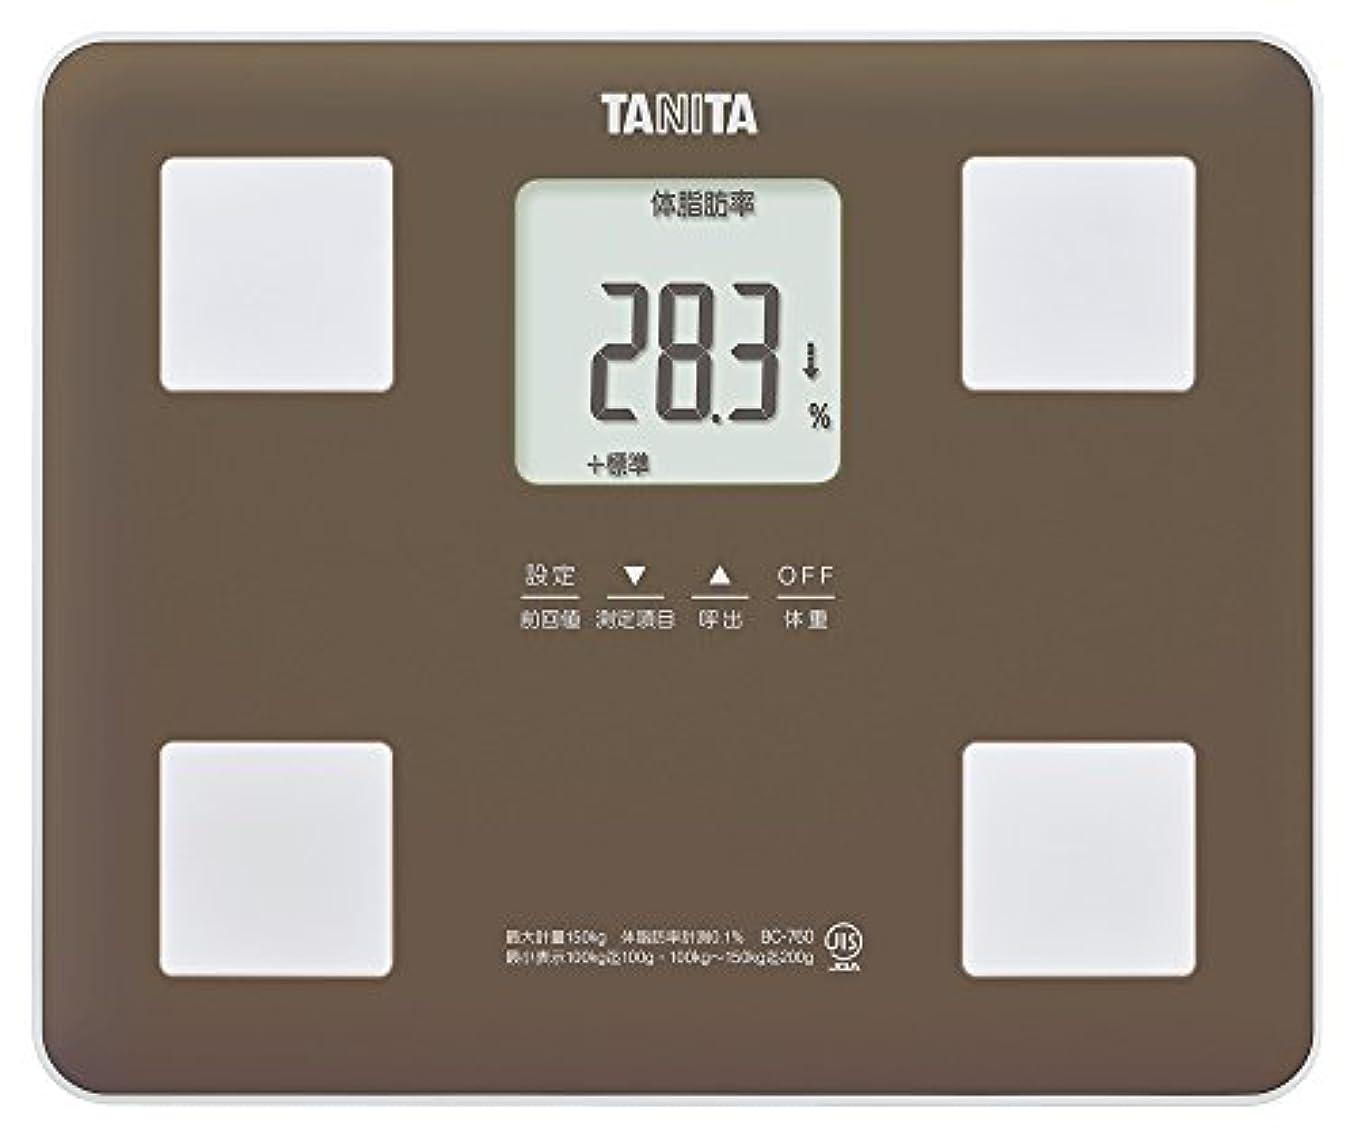 振る舞う実質的駅タニタ 体組成計 BC-760-BR(ブラウン) 乗るピタ機能で簡単測定/マイサポ機能で測定応援